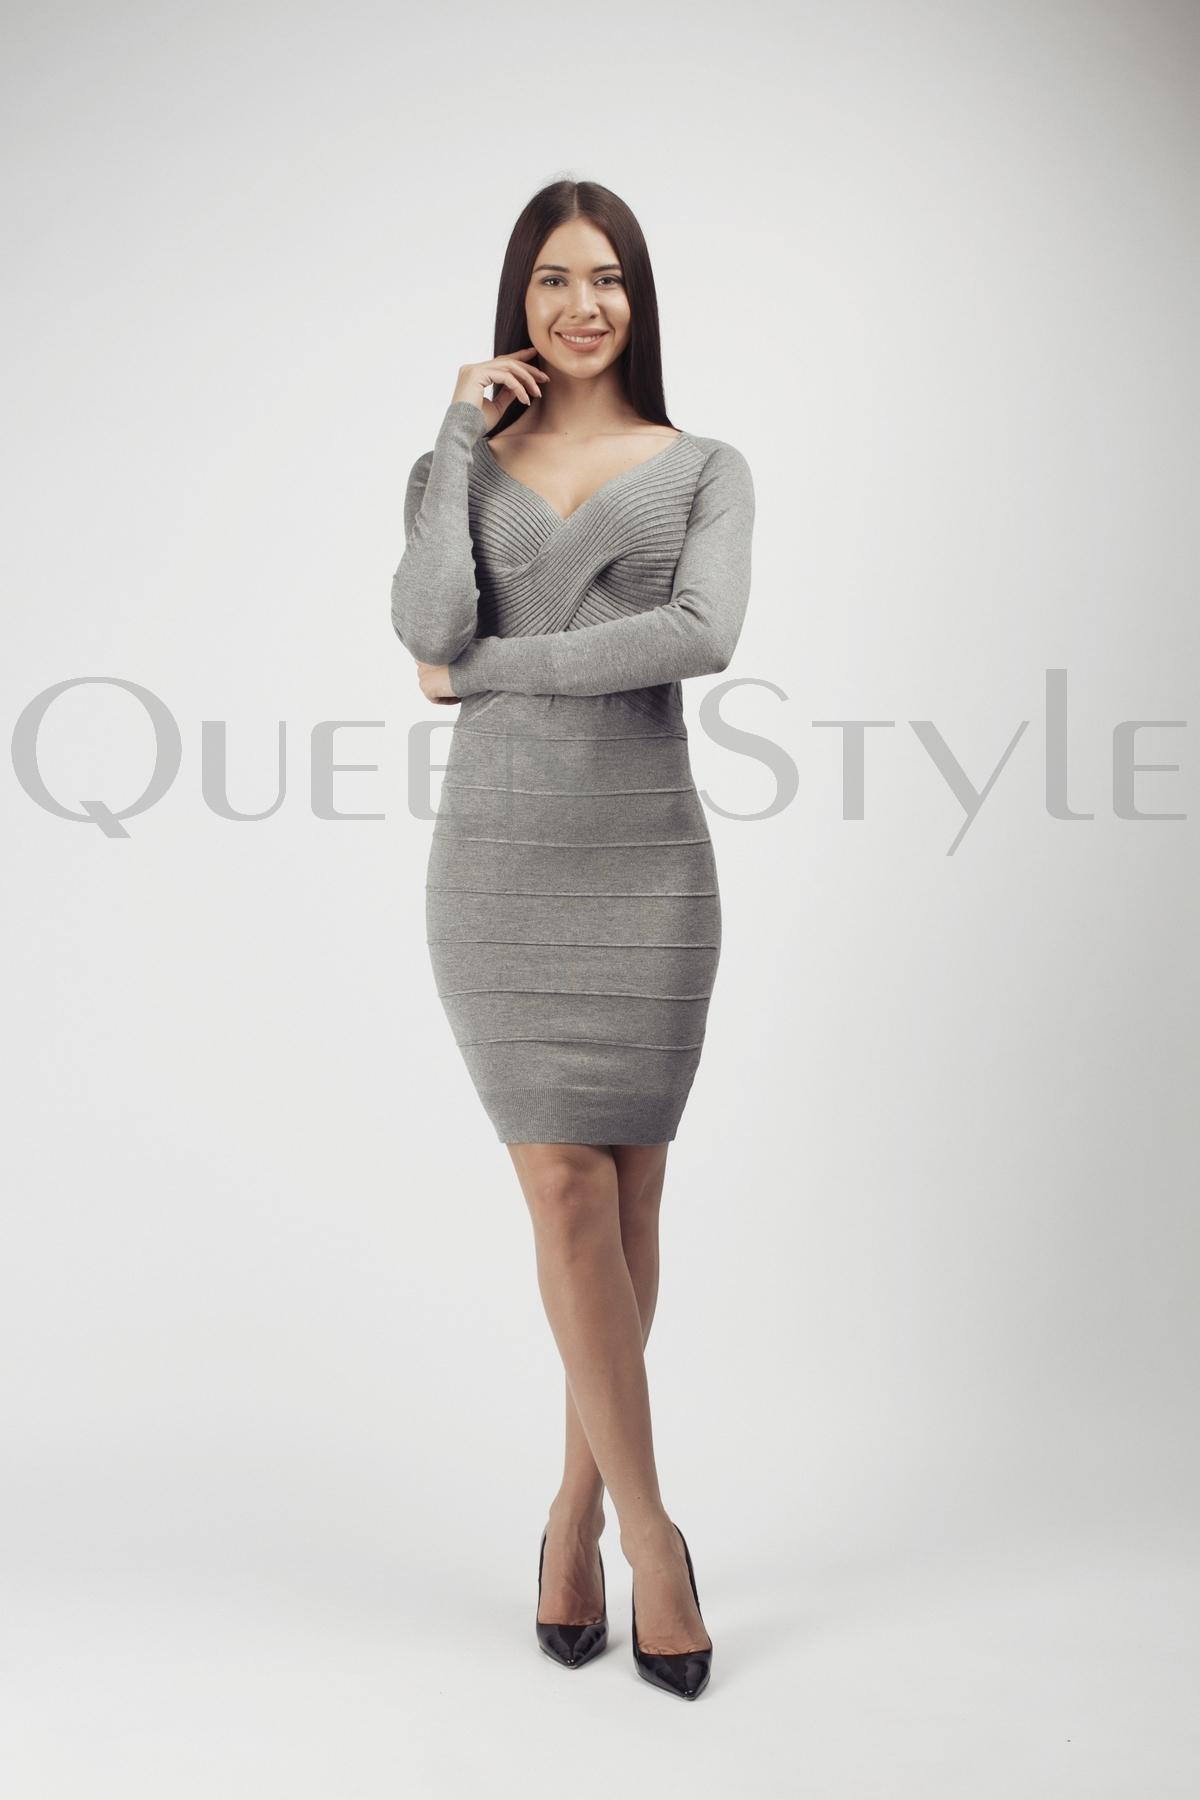 05aaf618dc9 Трикотажные платья оптом – купить платья из трикотажа в Москве по низким  ценам от производителя в интернет-магазине стильной женской одежды Queen  Style